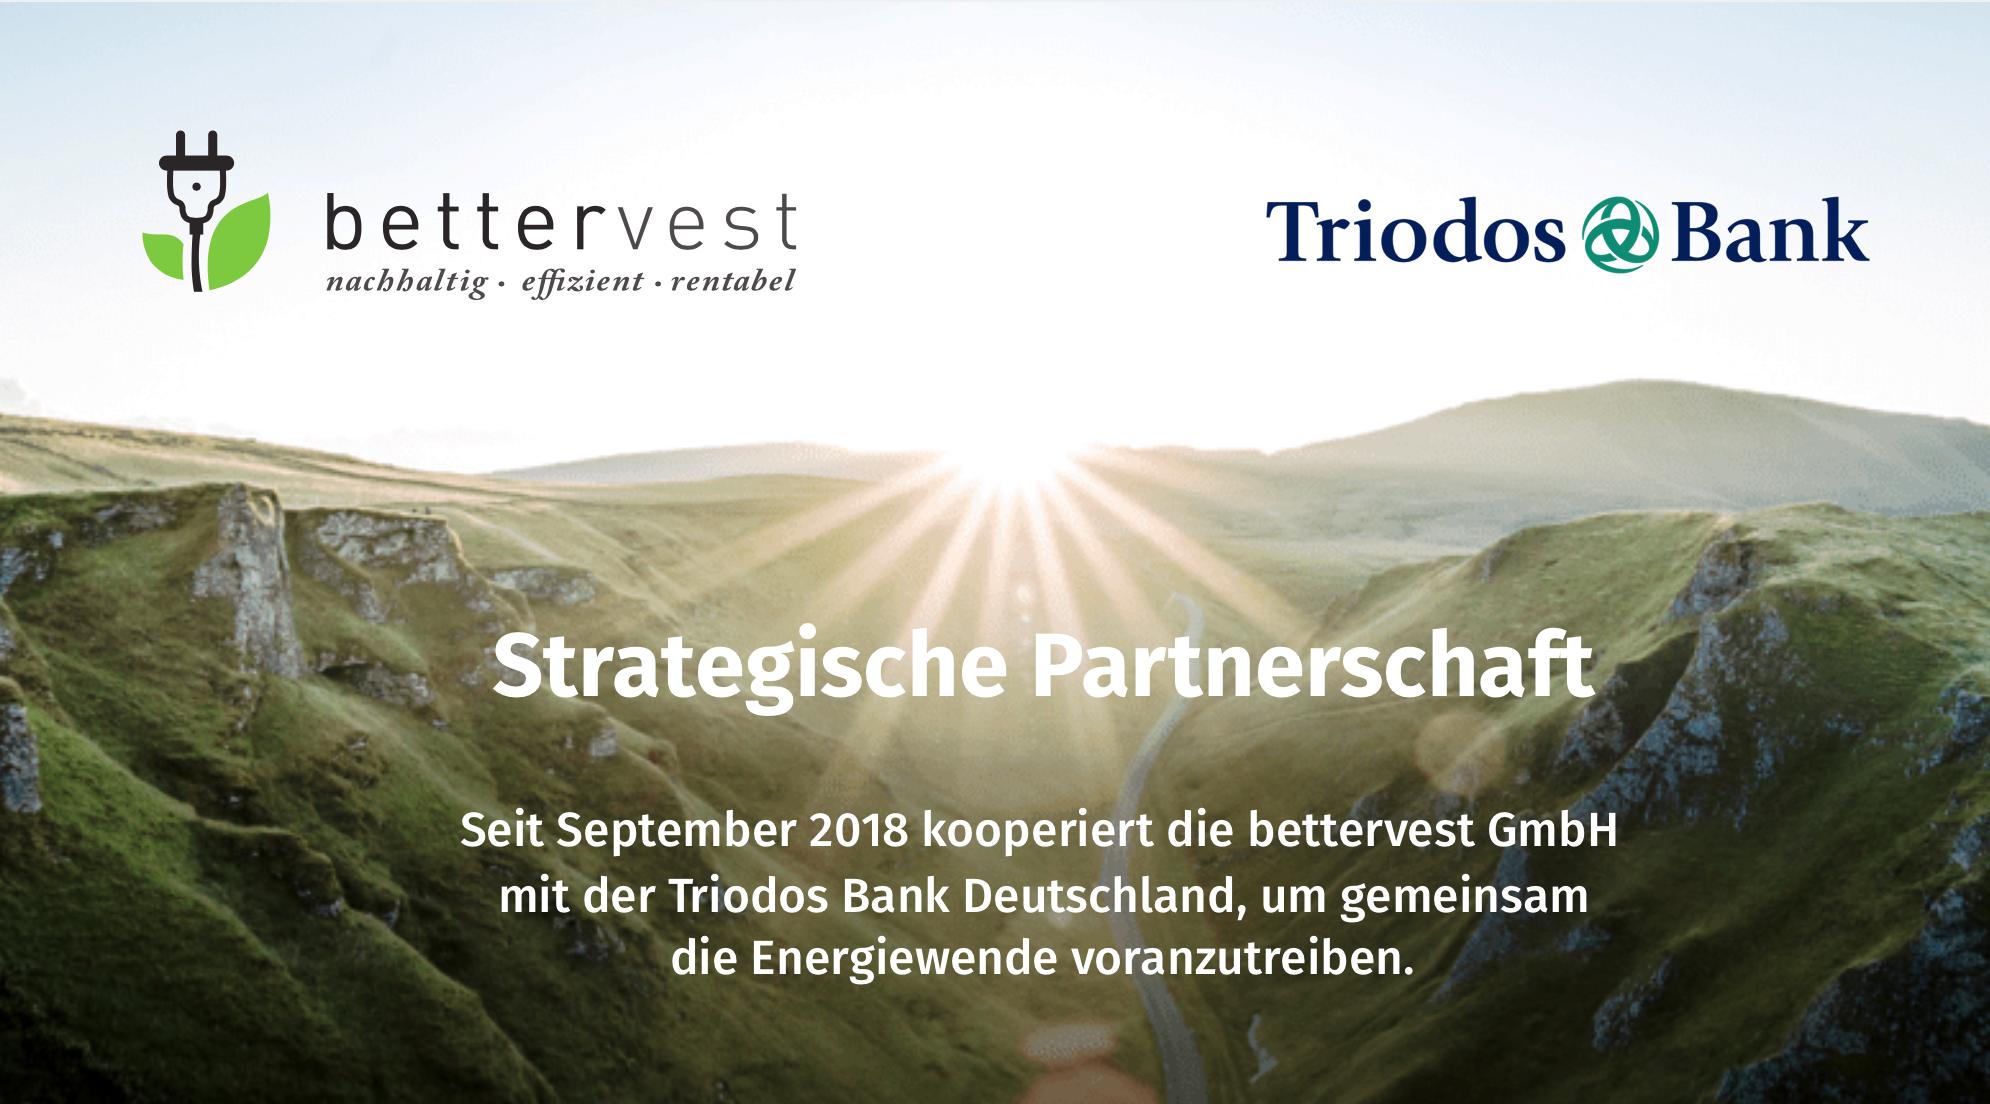 Triodos Bank und bettervest starten eine Kooperation